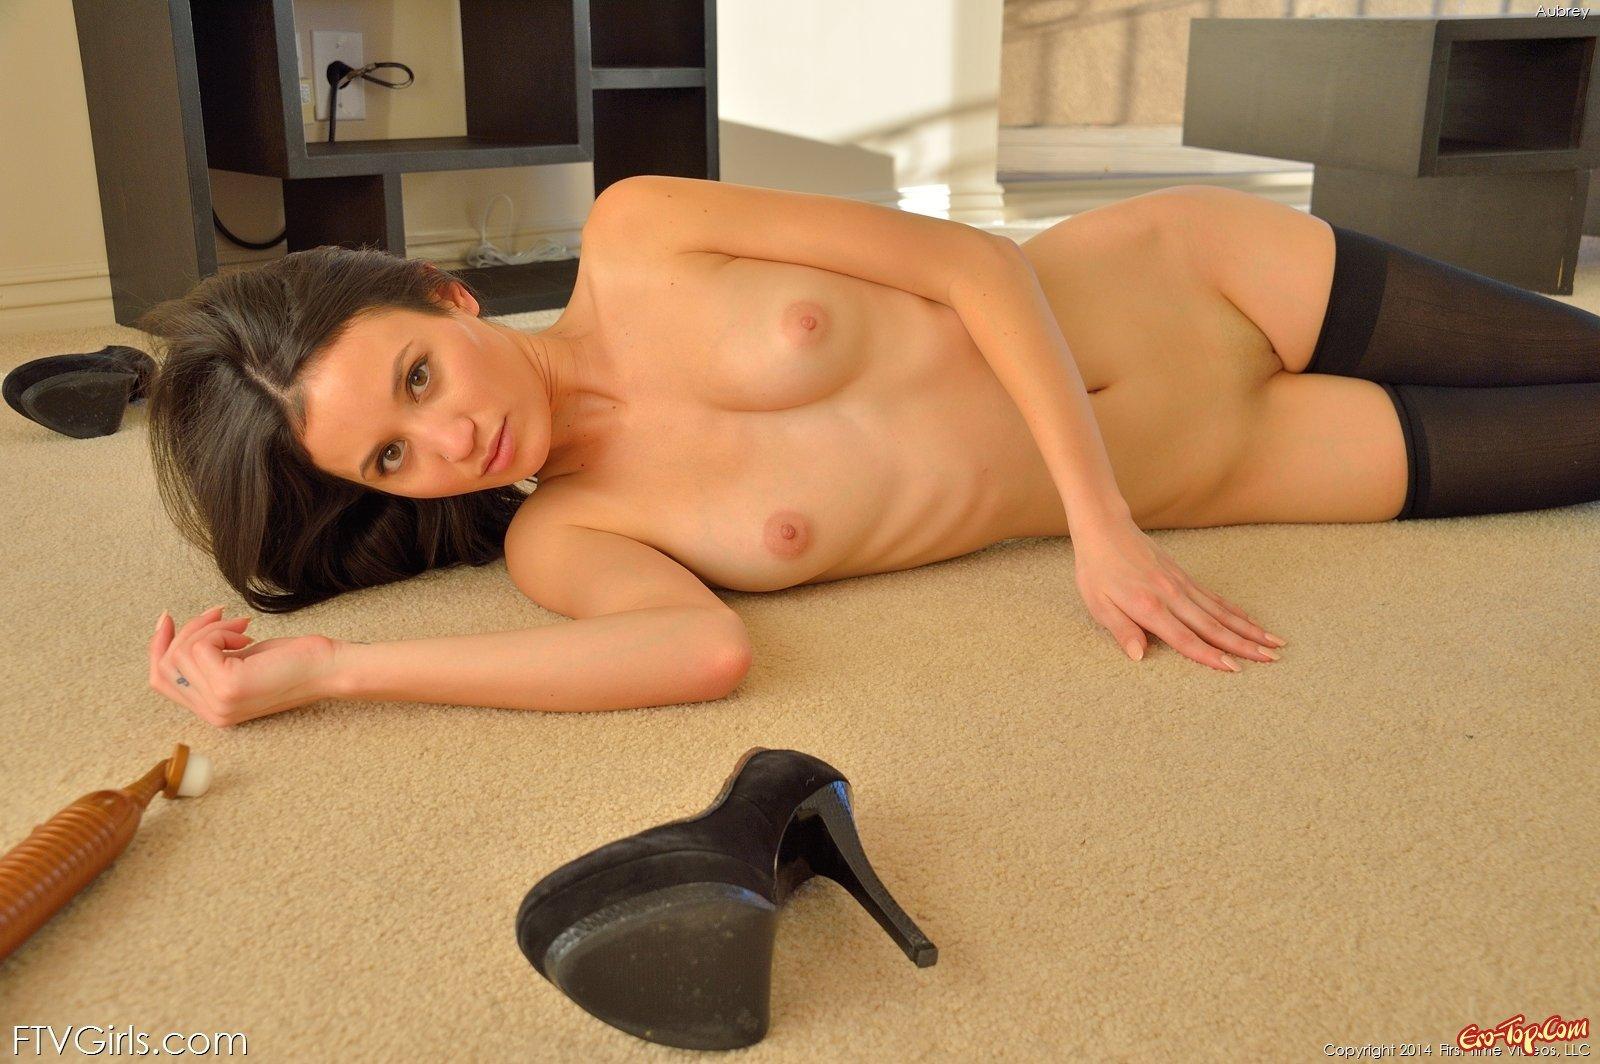 Проститутка в чулках выставила напоказ пилотку лежа на полу